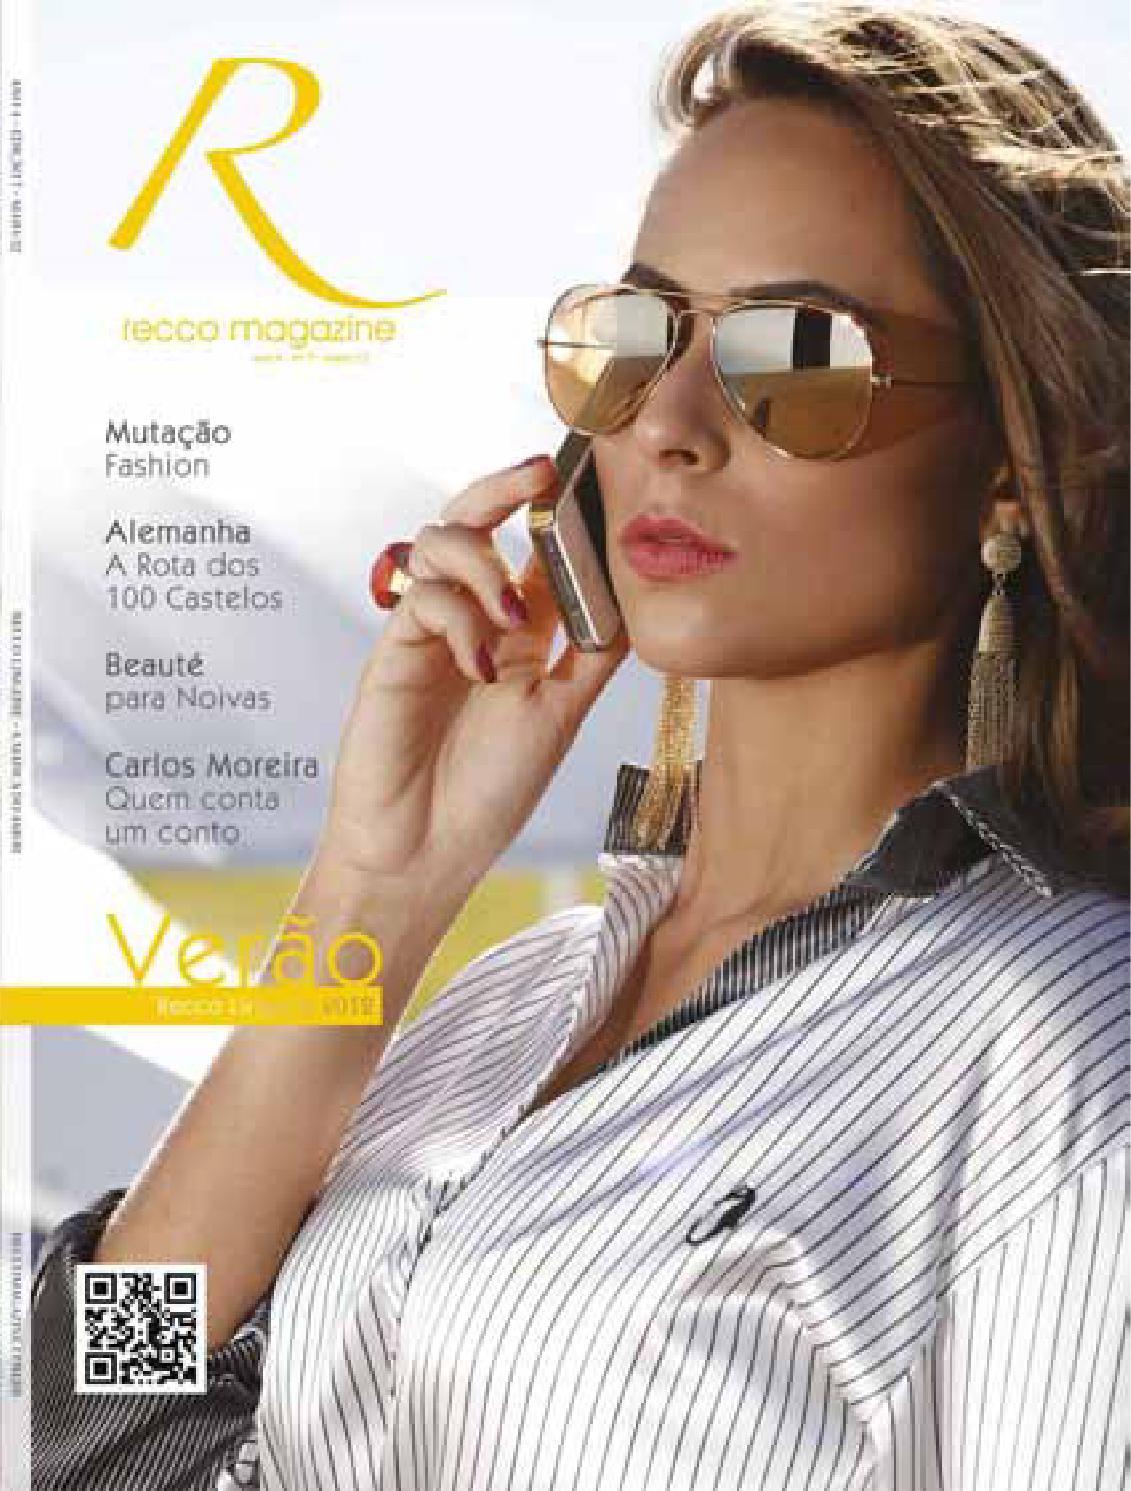 51e375b19 Magazine 7a baixa by Recco Lingerie - issuu